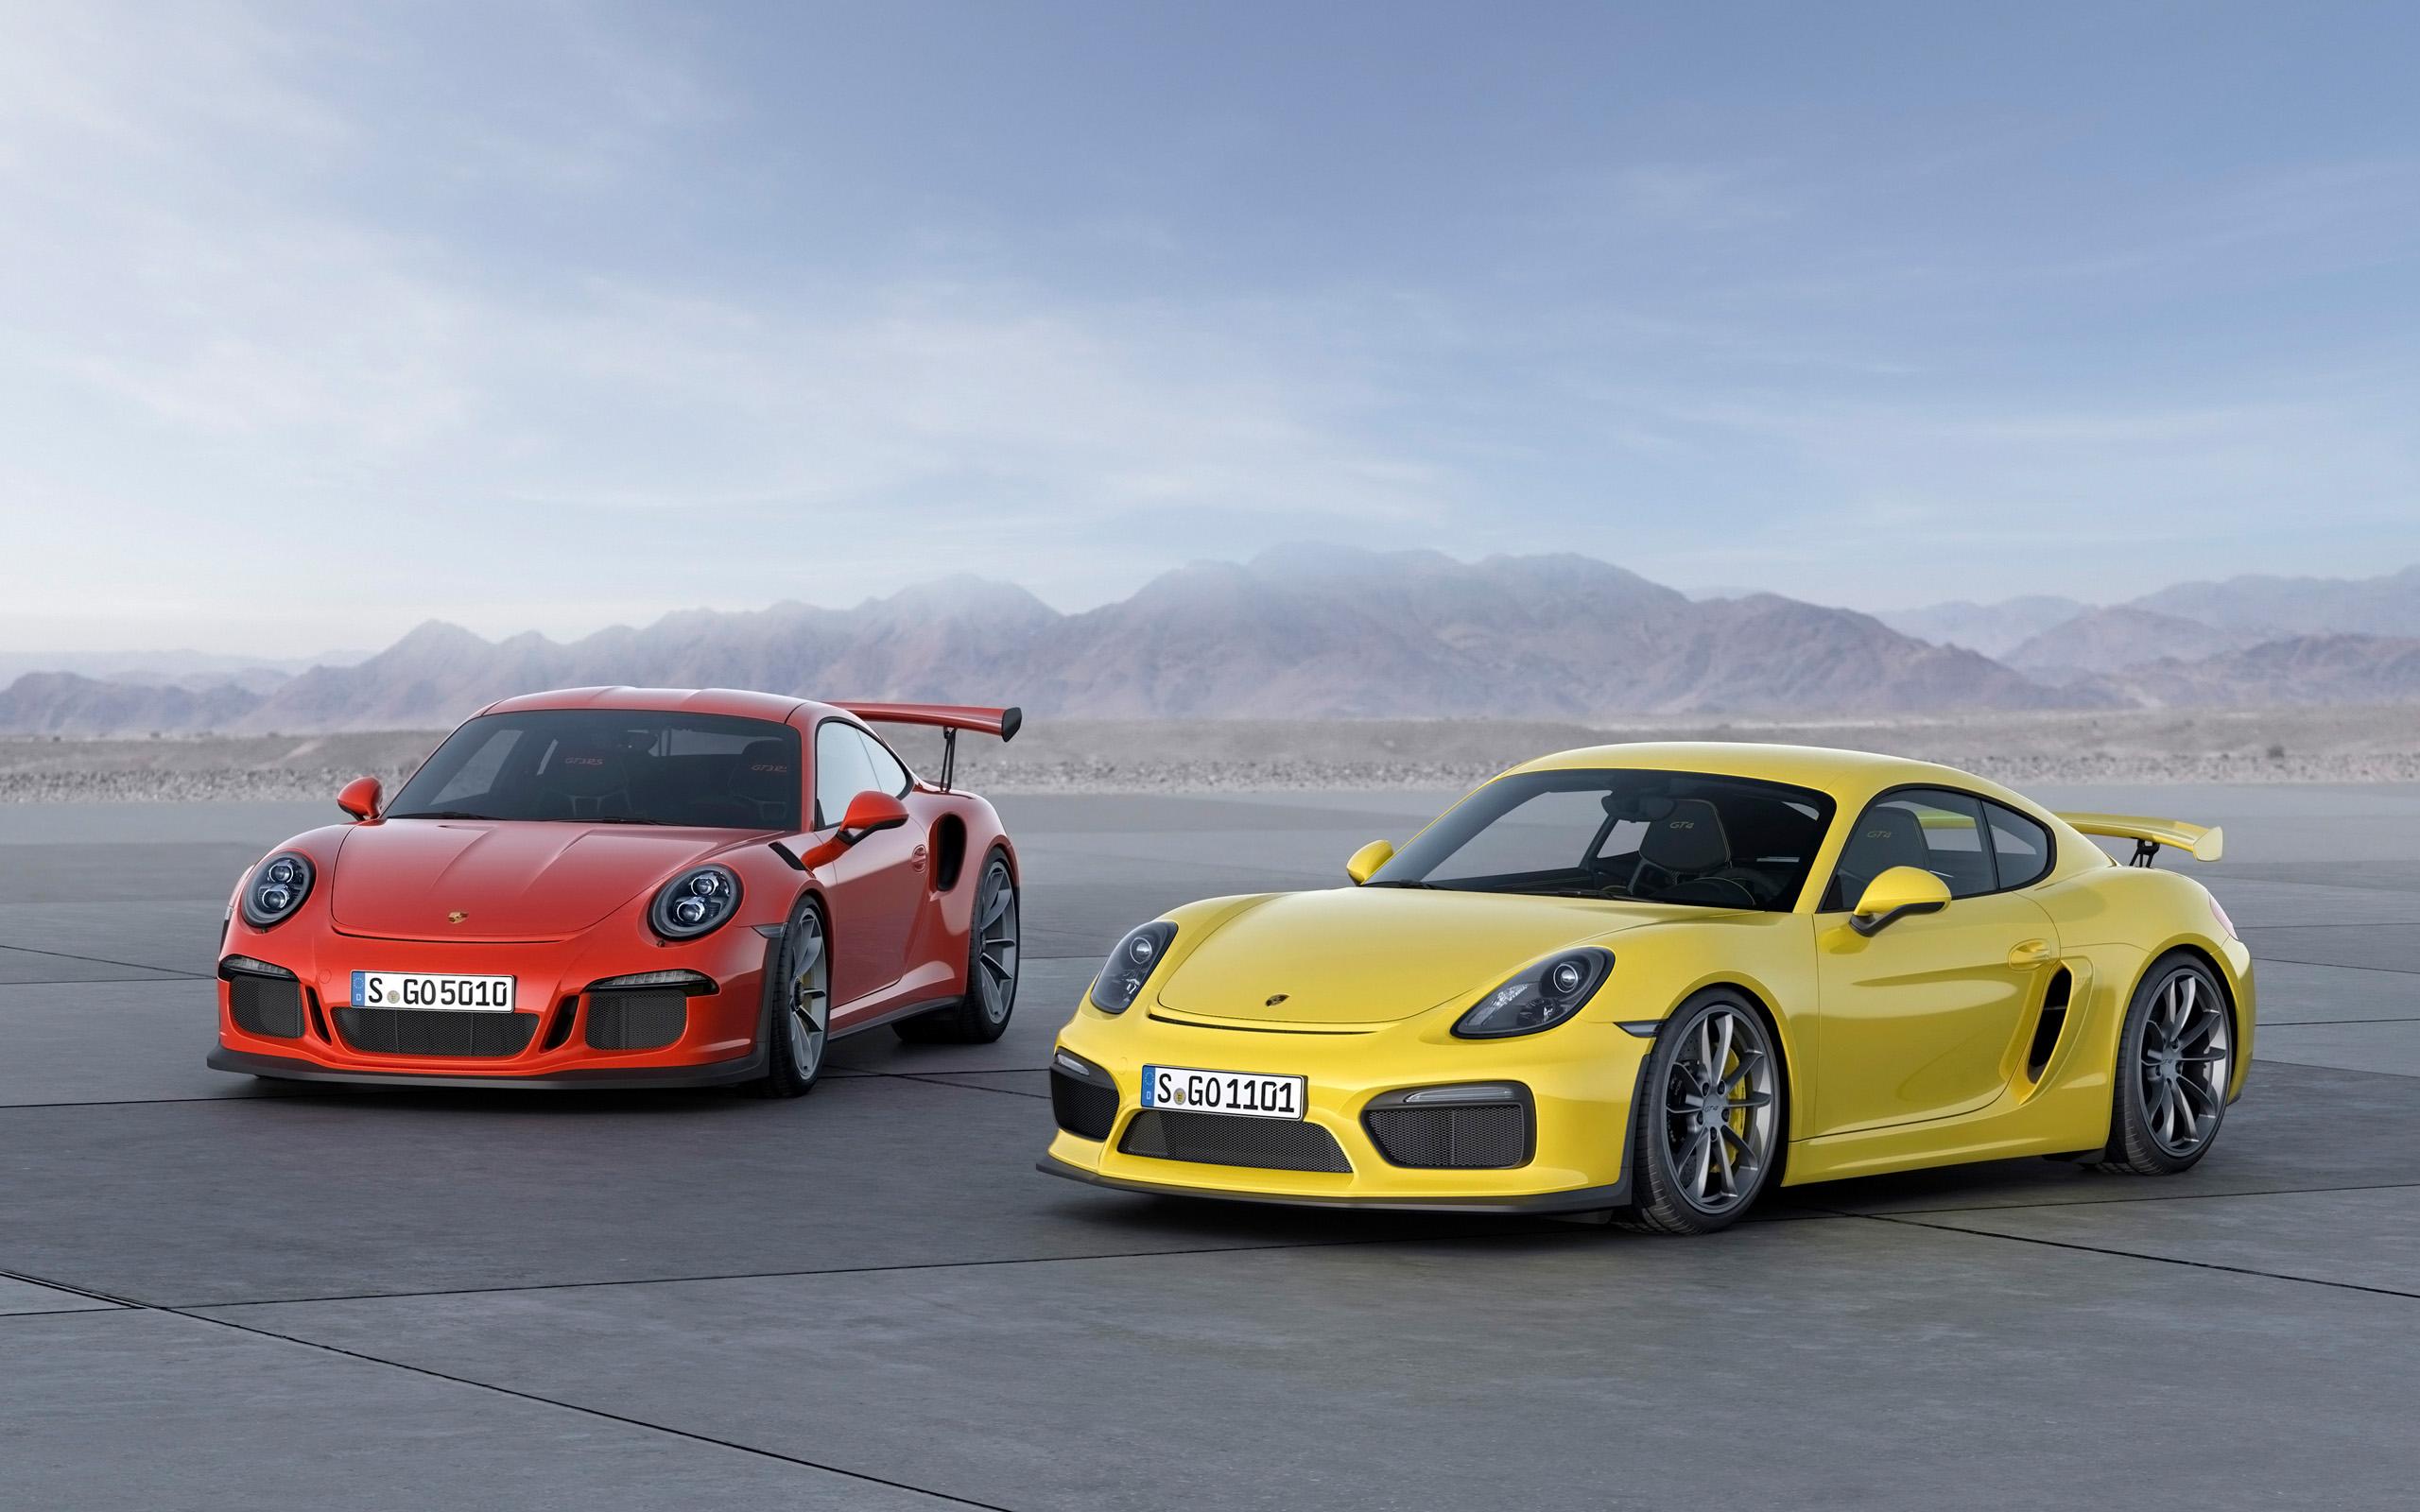 2015 porsche 911 gt3 rs 3 wallpaper hd car wallpapers - Porsche 911 Gt3 2015